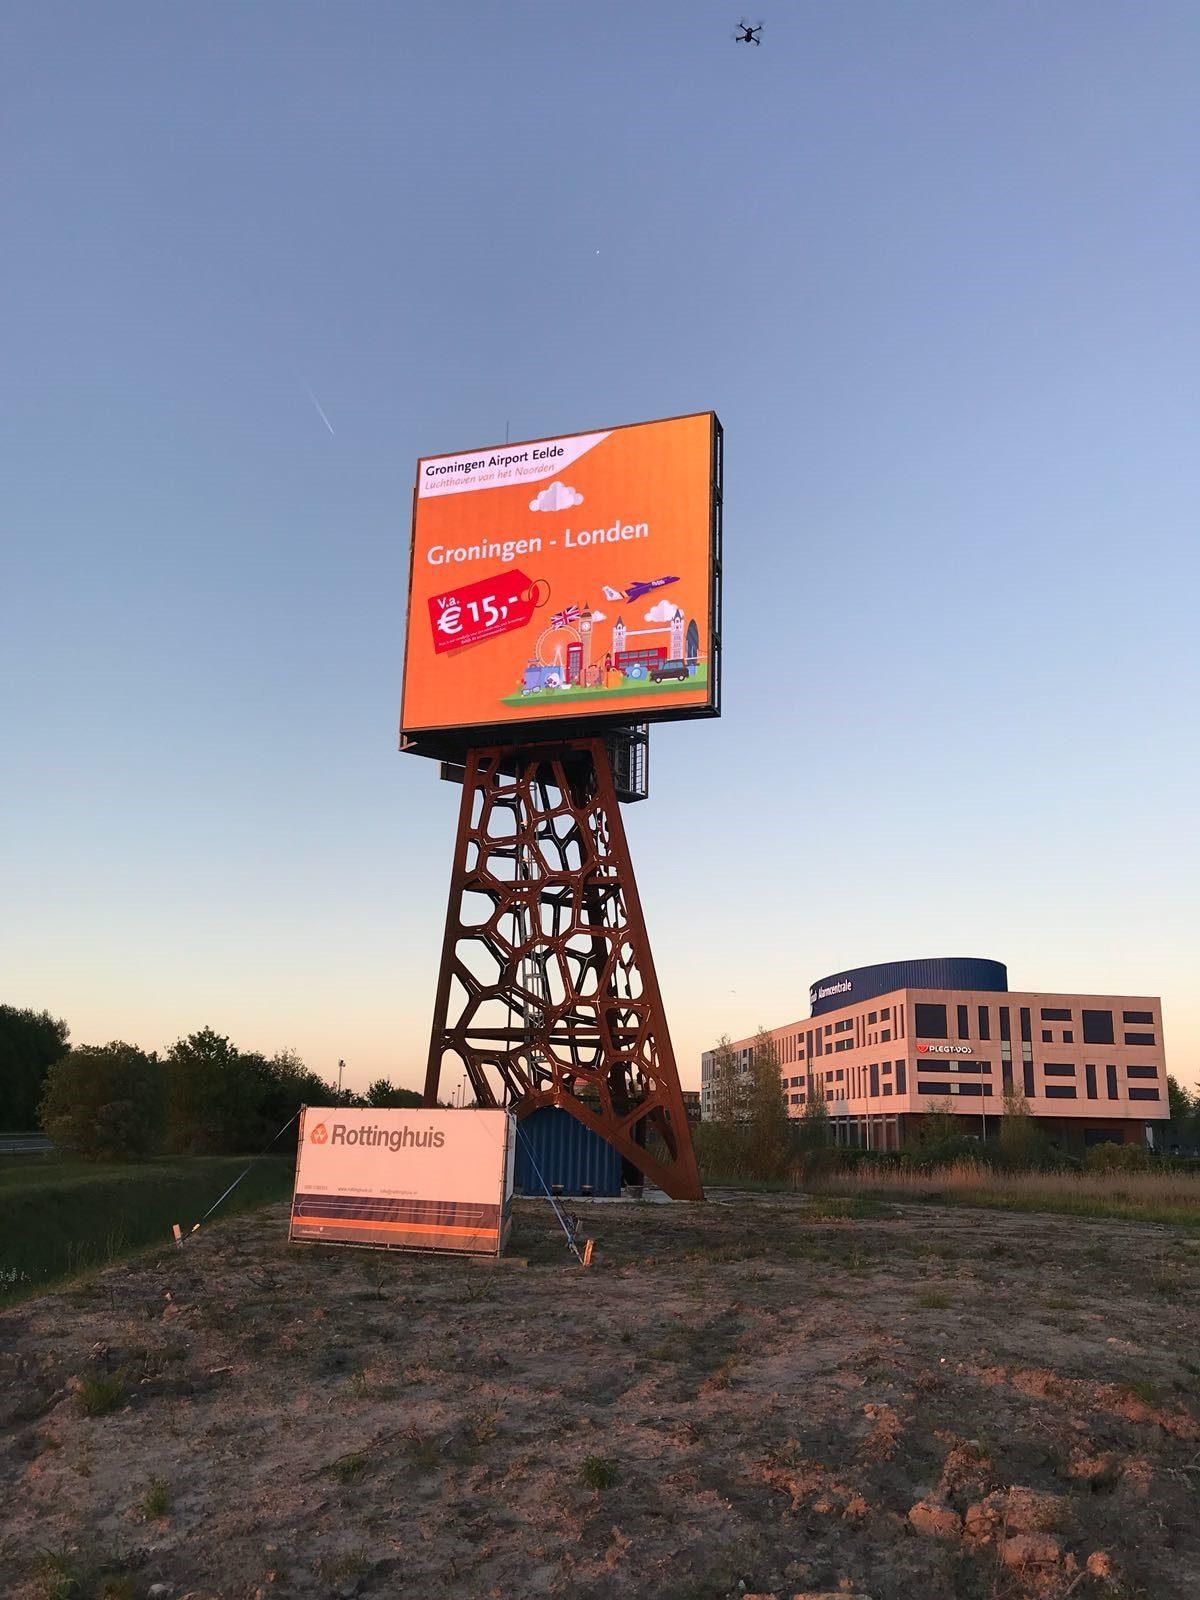 Het College van Rijksadviseurs adviseert: Geen reclame in het landschap